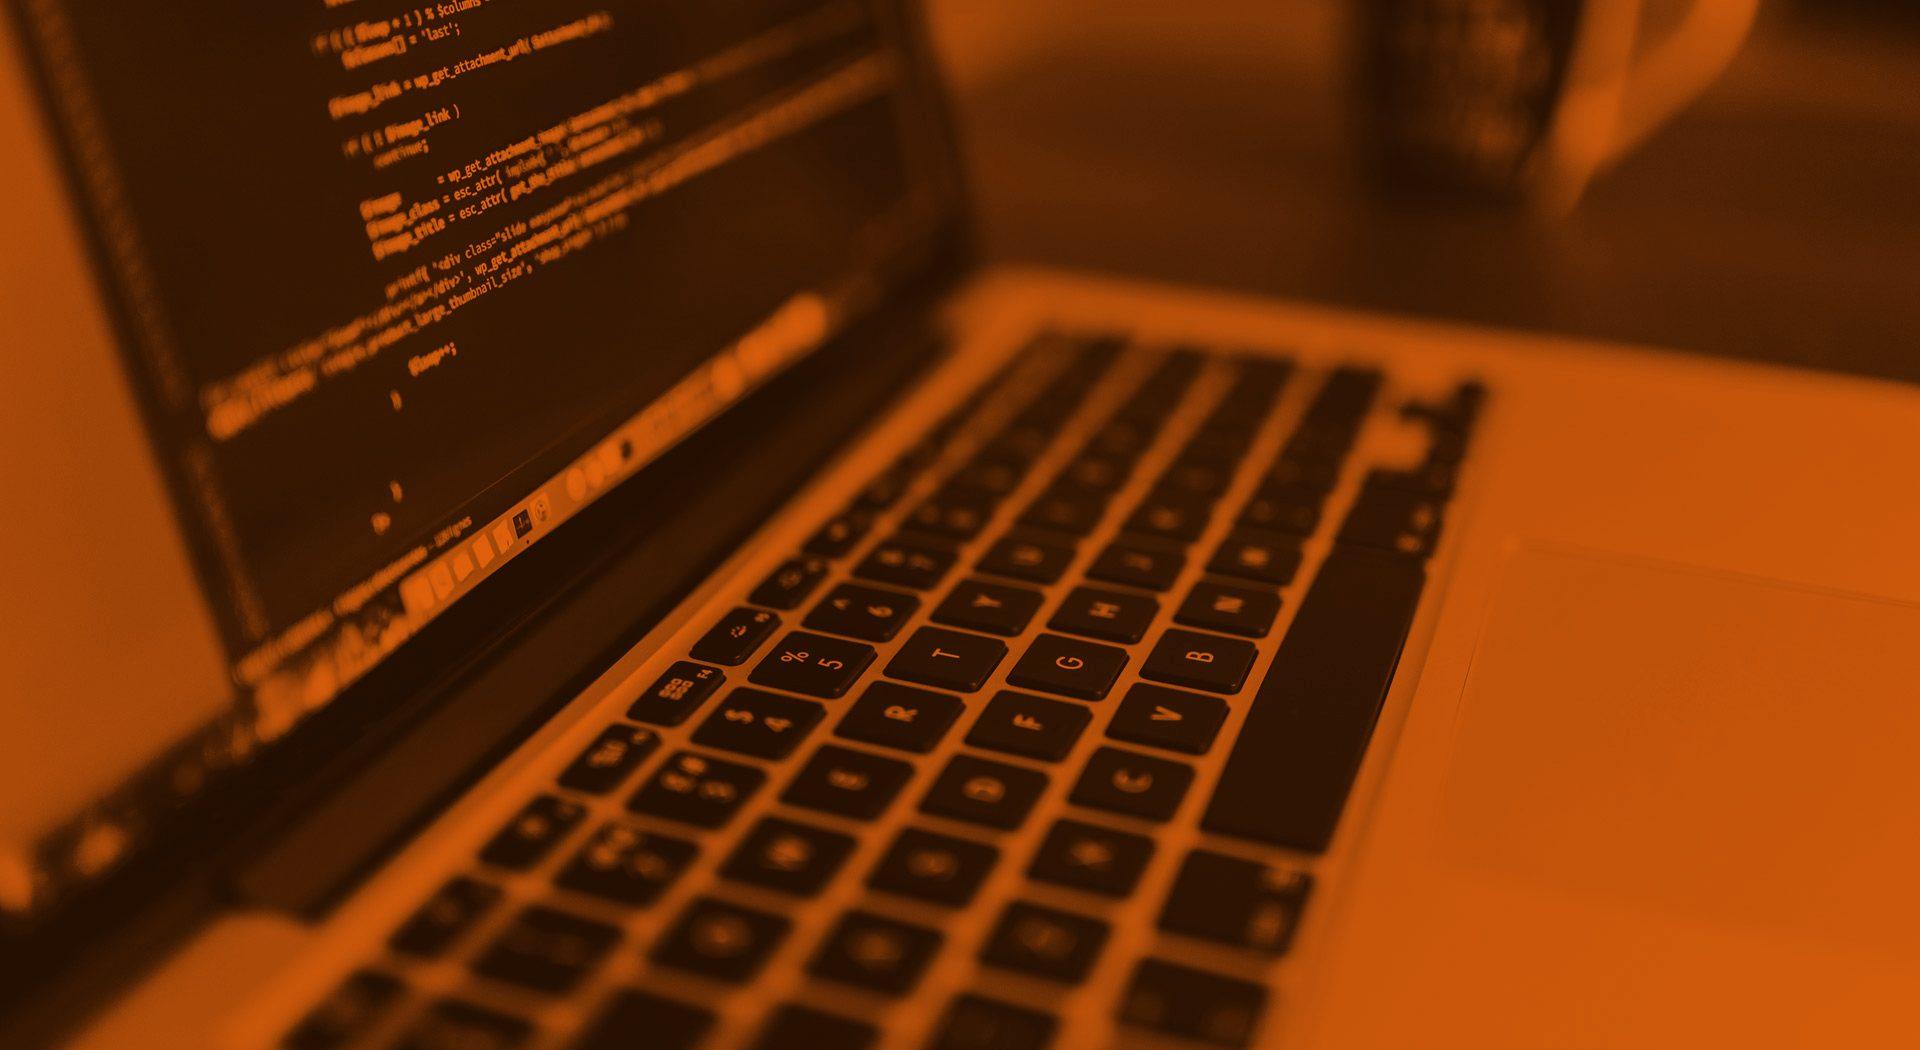 Results-driven web design and development